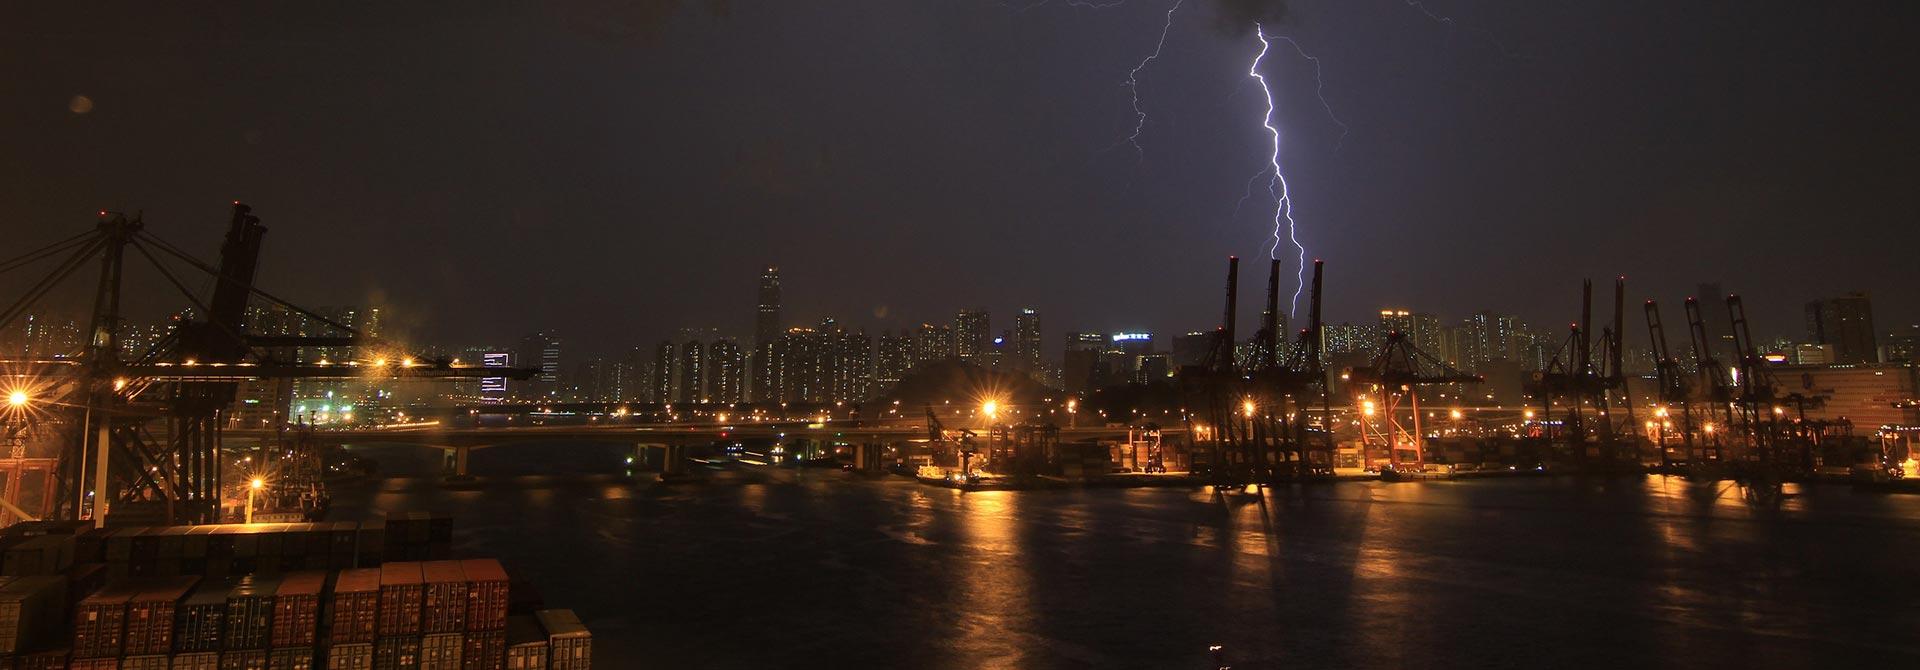 ufds-lynnedslag-hongkong